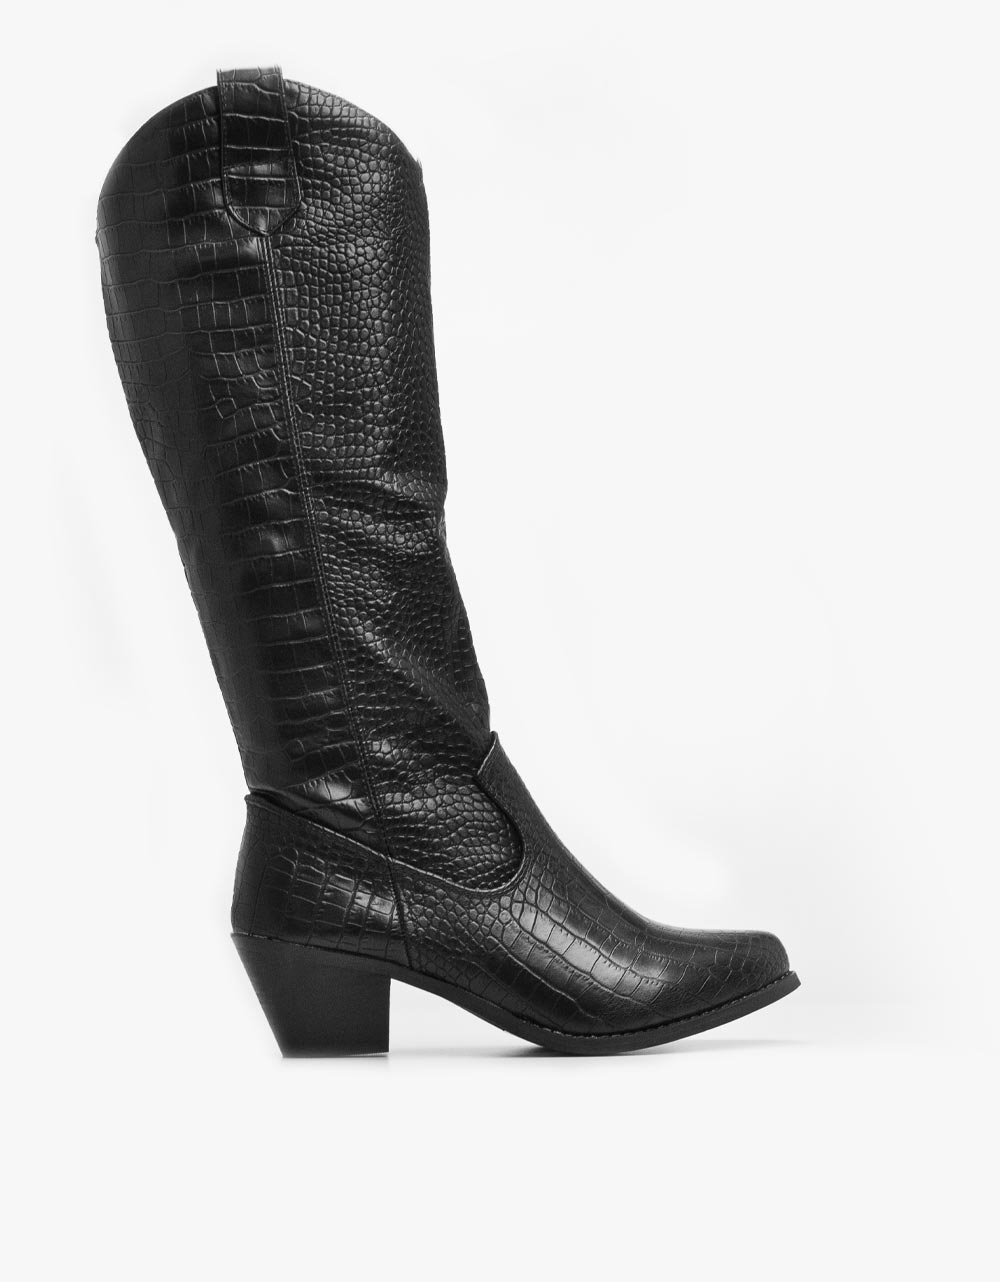 Εικόνα από Γυναικείες μπότες κροκό cowboy Μαύρο